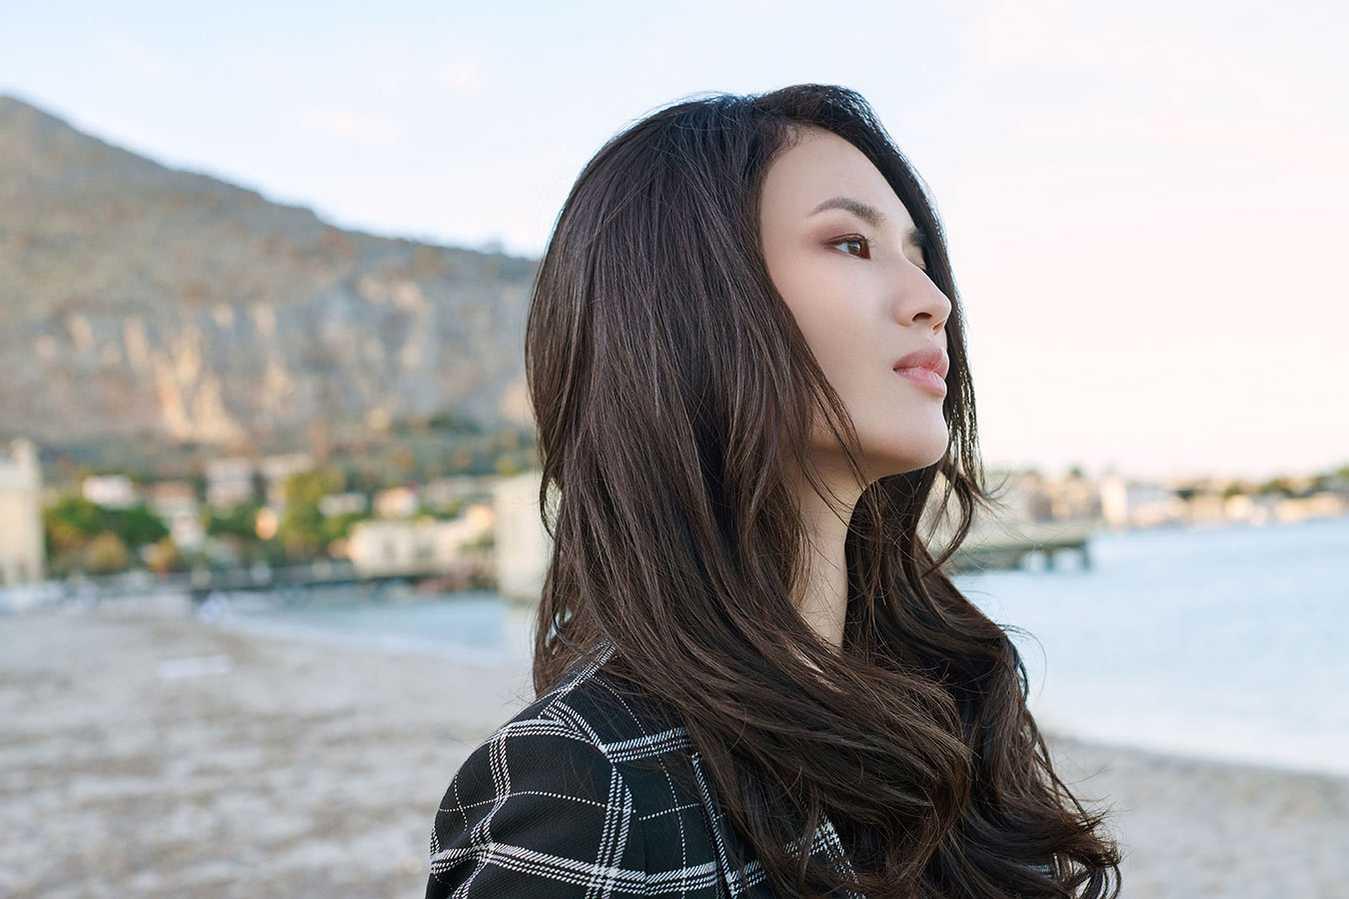 Immagini di acconciature con extension per capelli